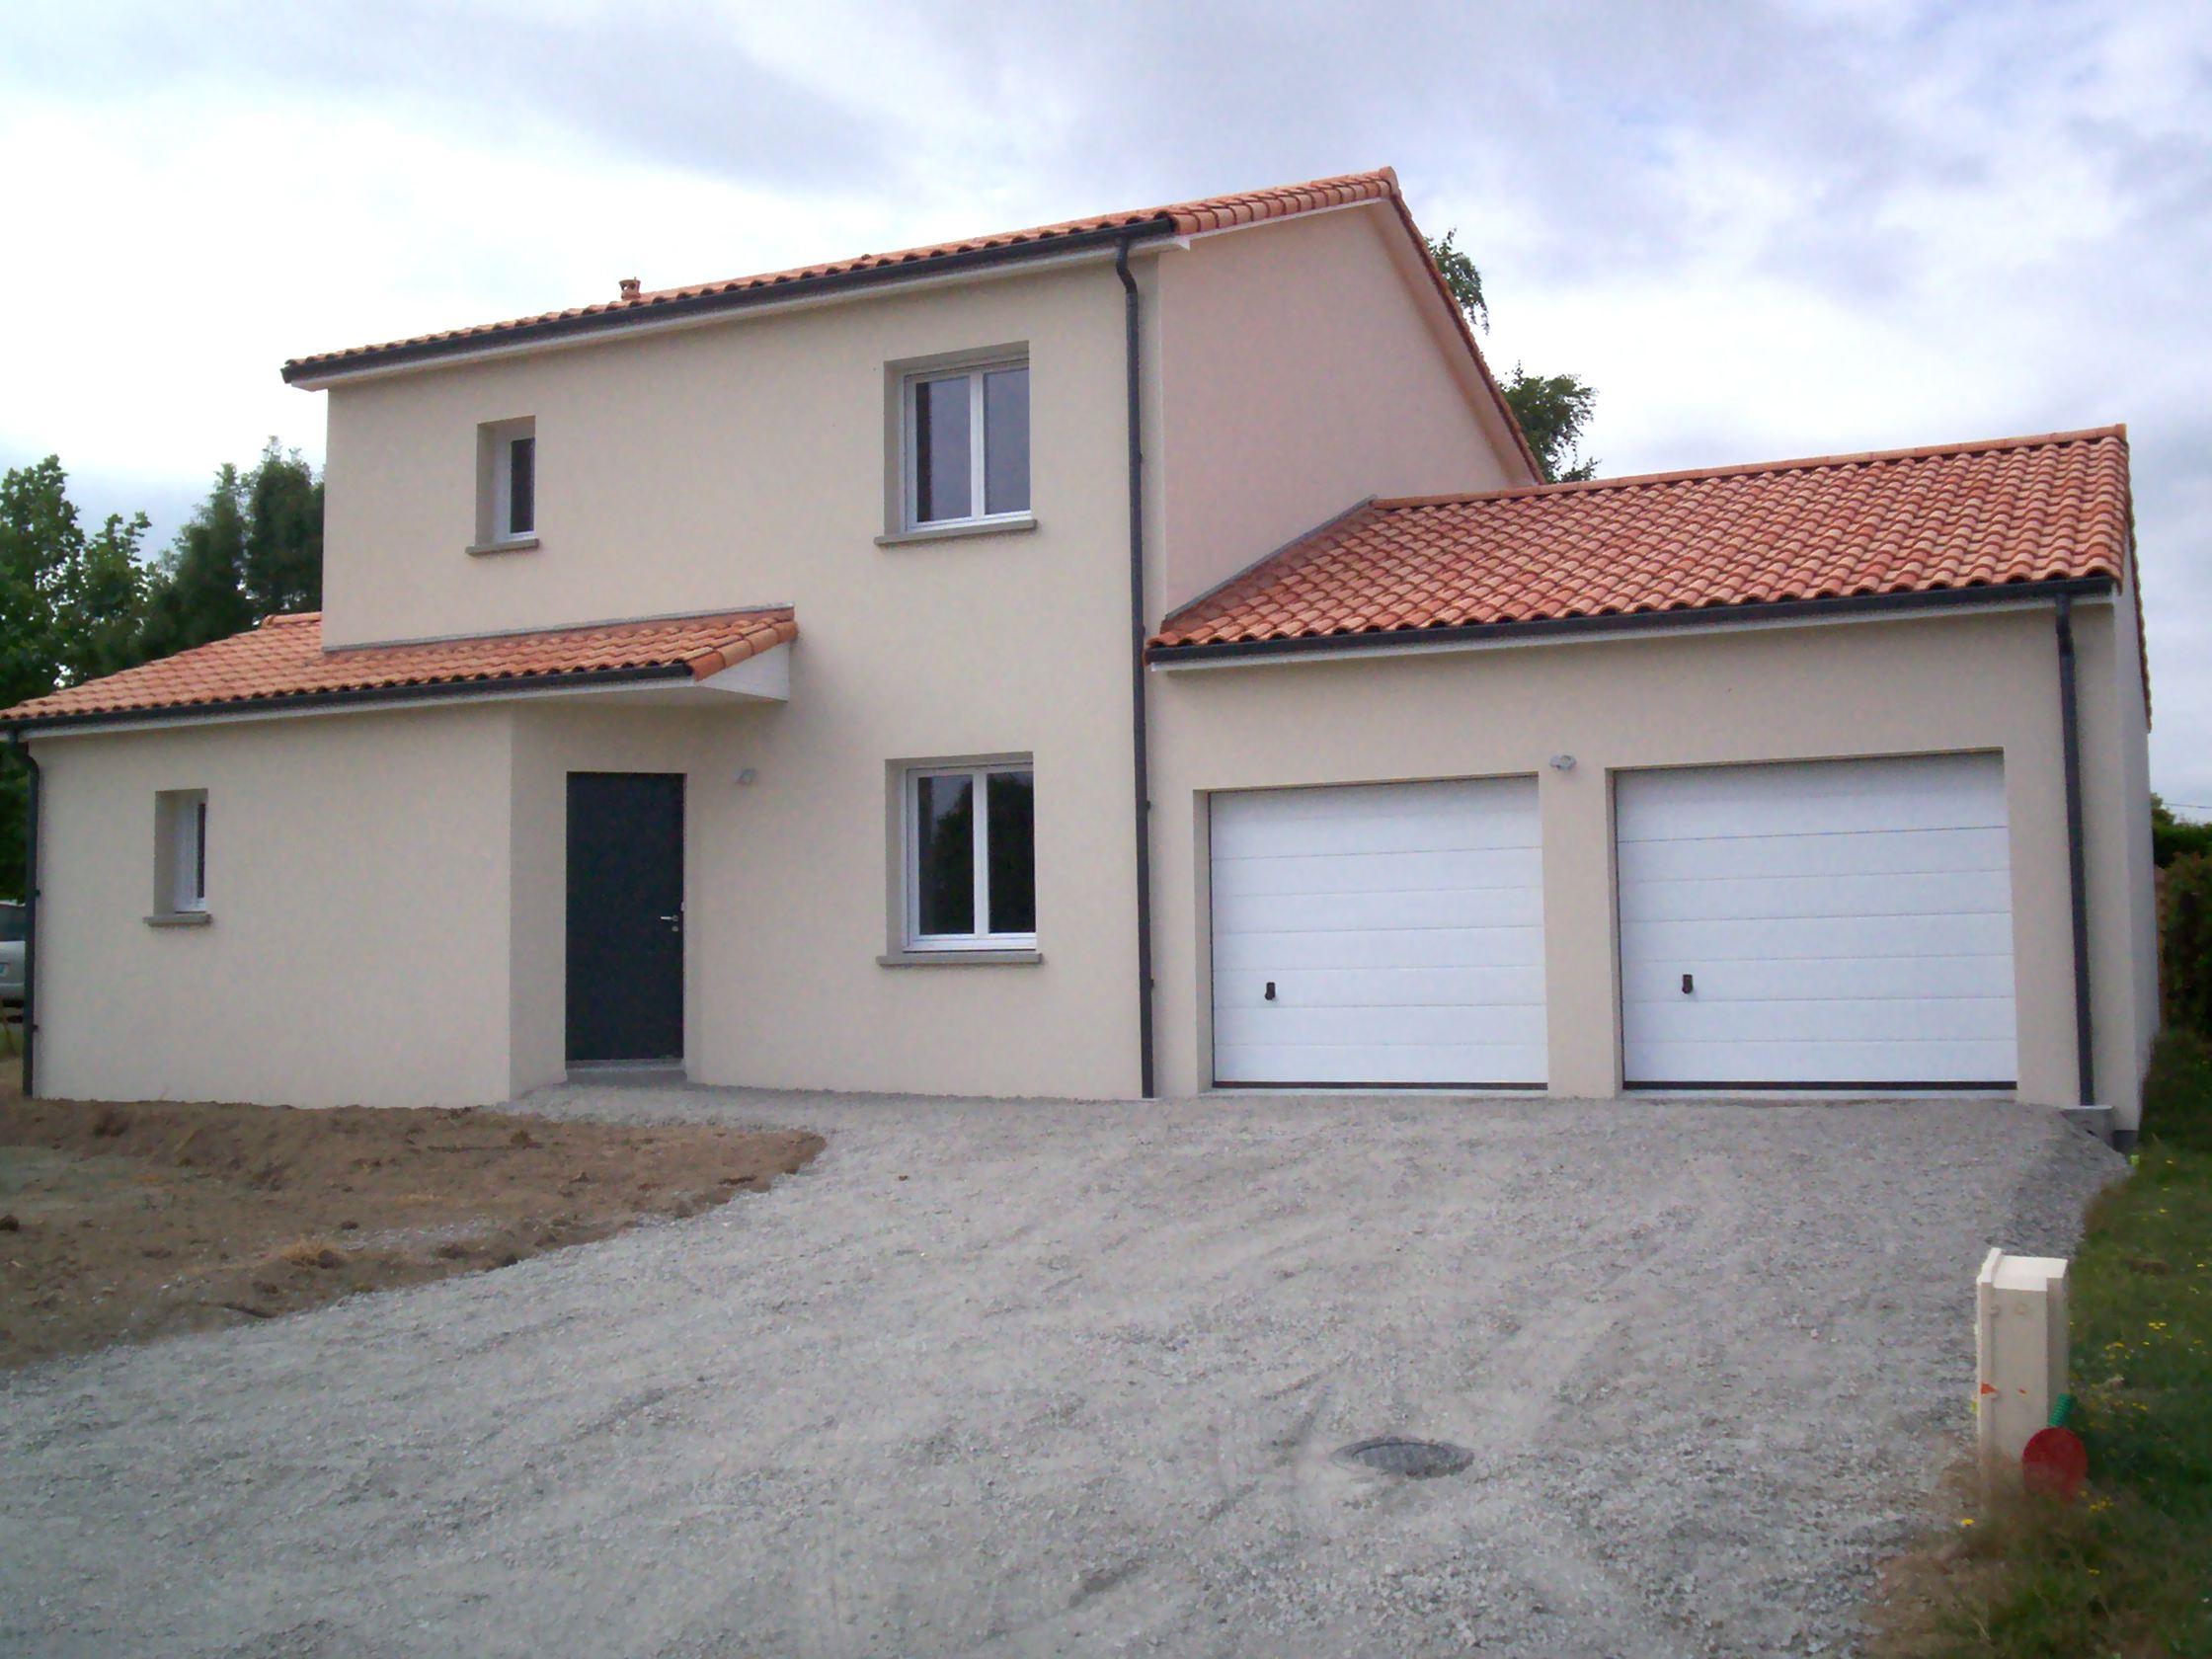 Maisons + Terrains du constructeur Maison Familiale • 140 m² • TREIZE VENTS